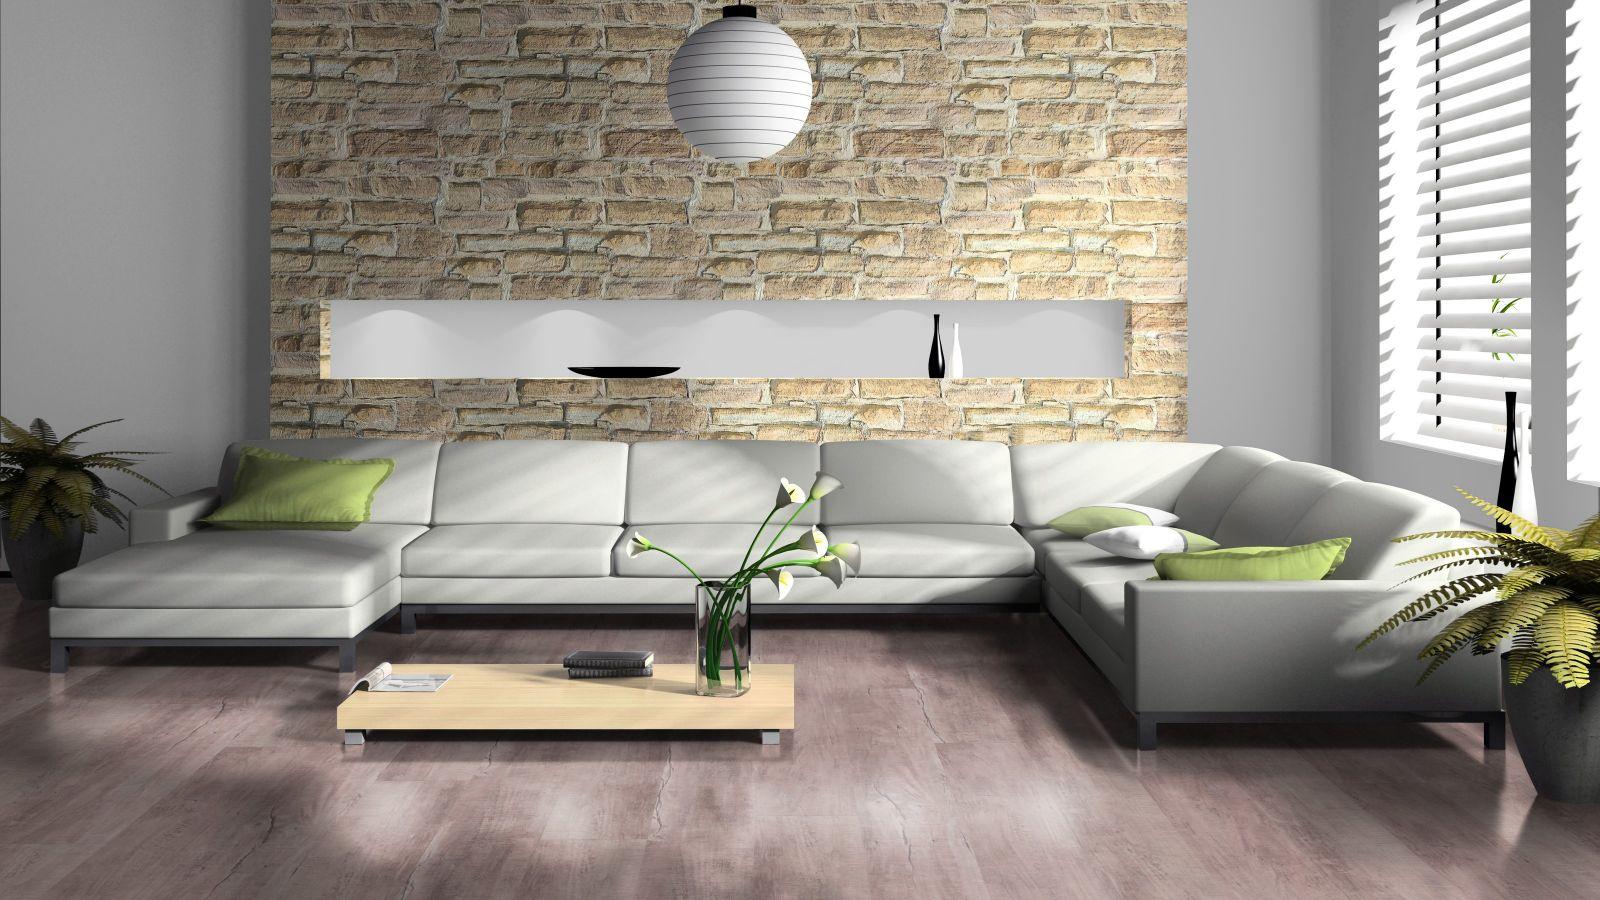 alternatief linoleum vloer